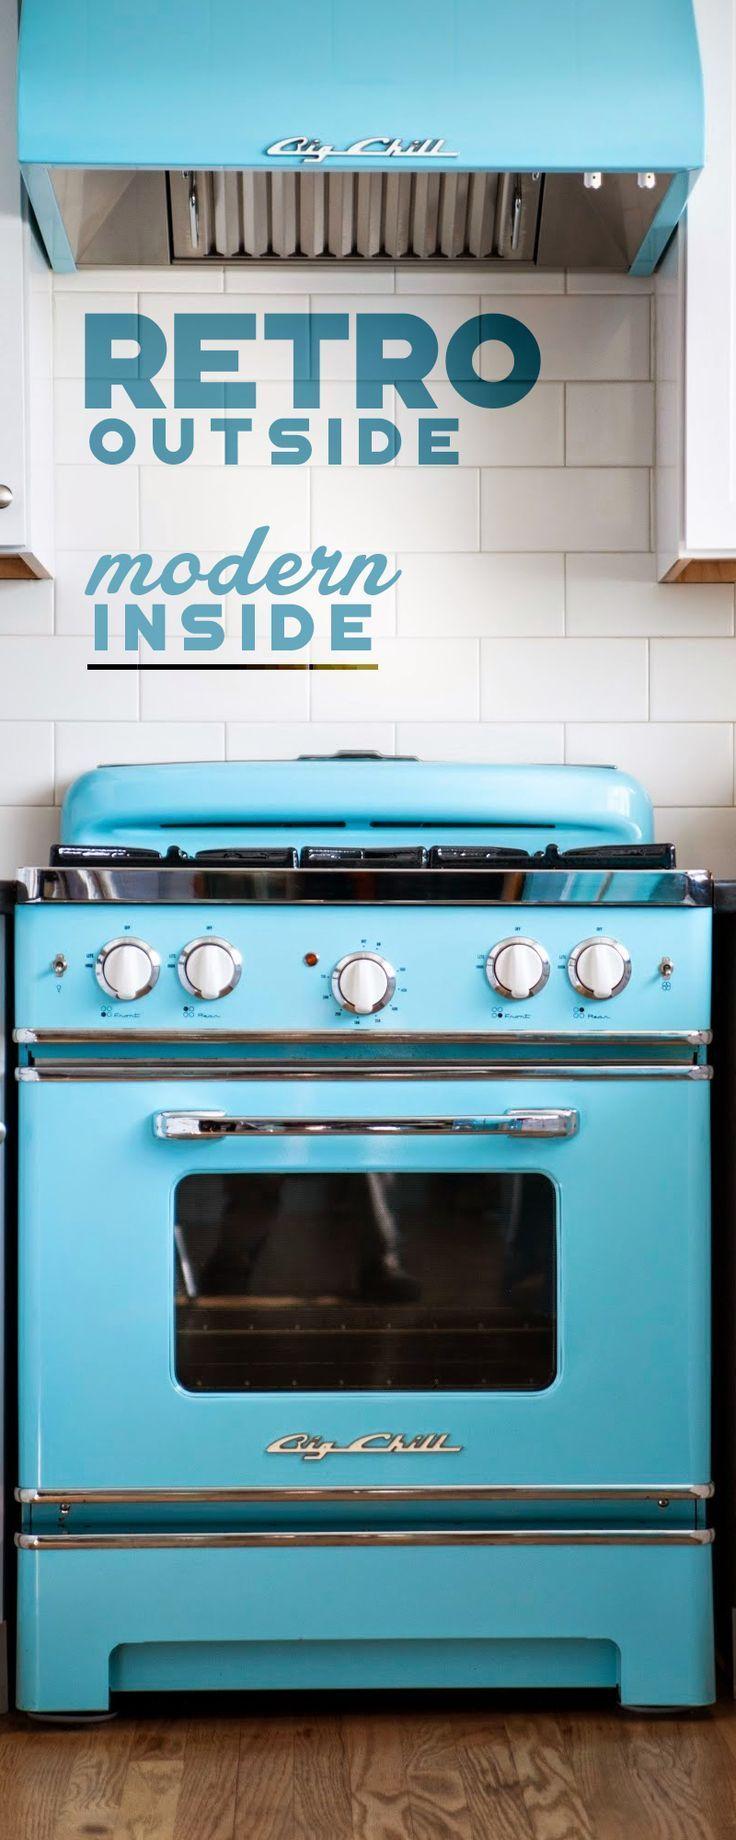 Ranges Stoves Shop Pro Retro Appliances Retro Appliances Retro Fridge Retro Home